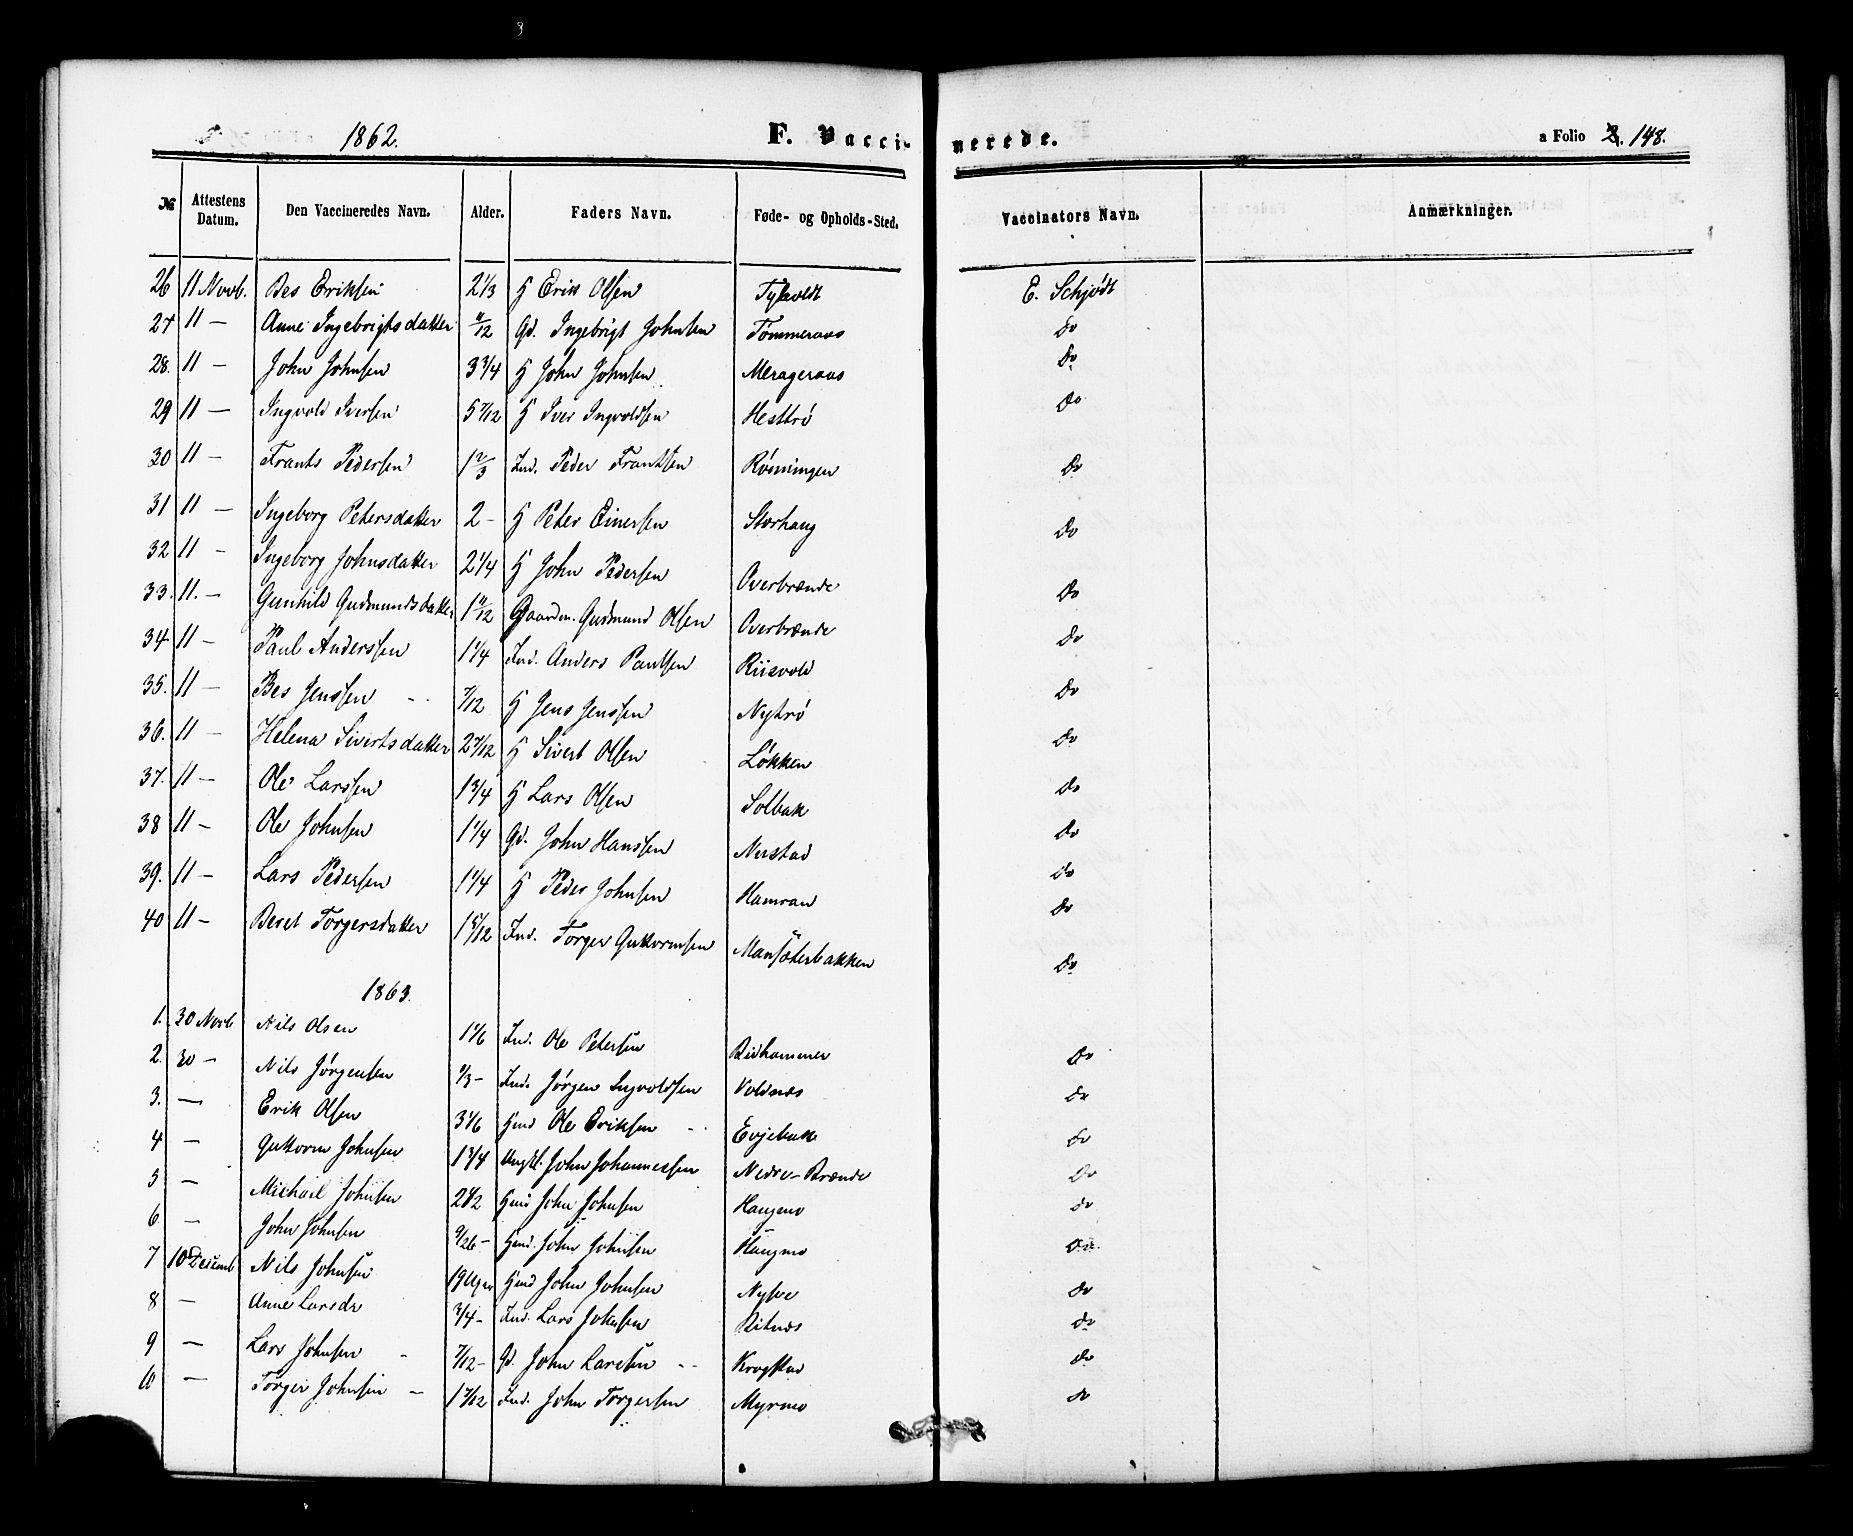 SAT, Ministerialprotokoller, klokkerbøker og fødselsregistre - Nord-Trøndelag, 706/L0041: Ministerialbok nr. 706A02, 1862-1877, s. 148